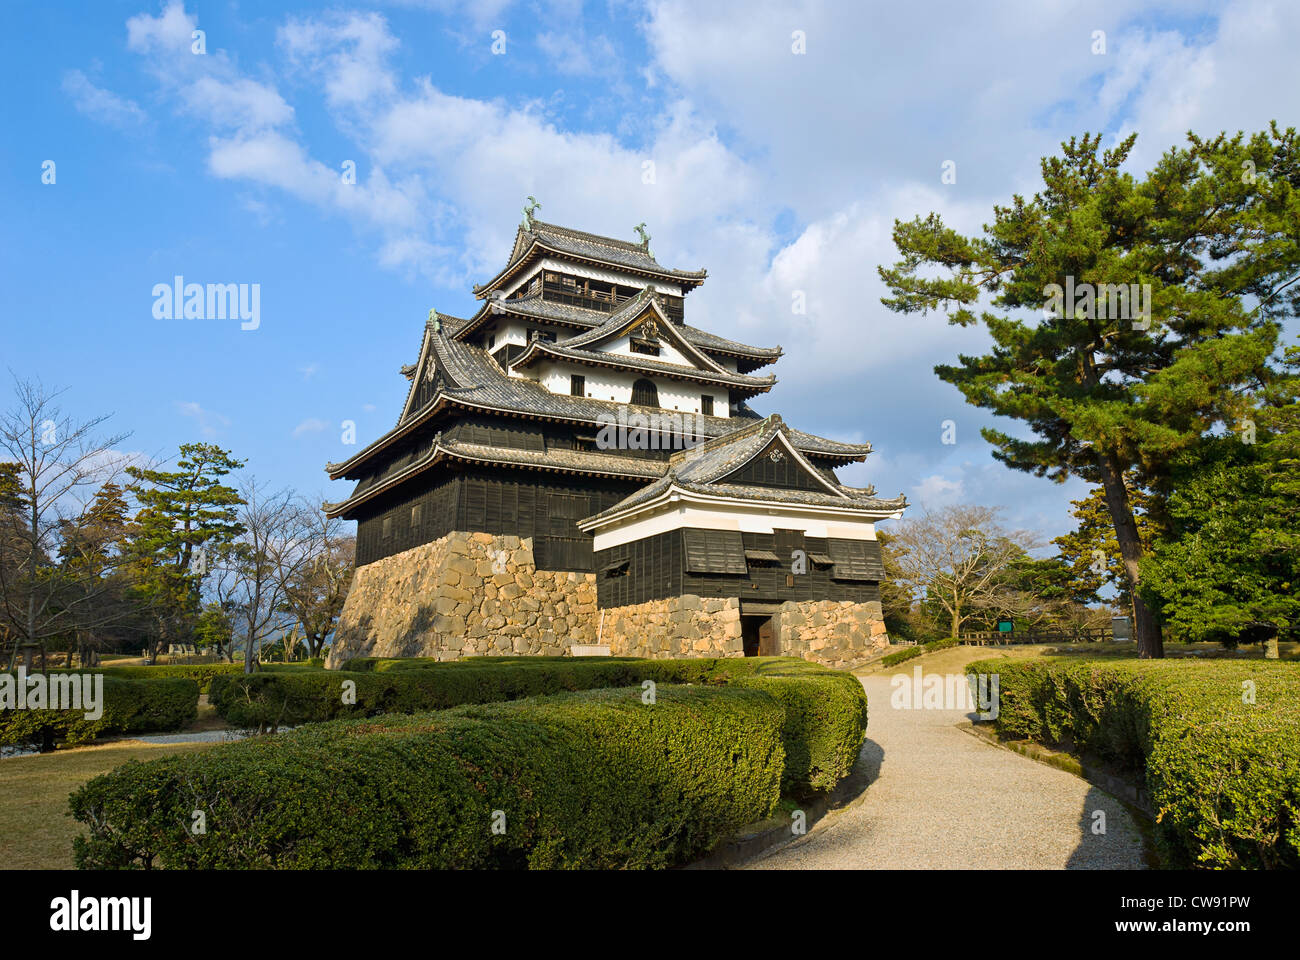 Château de Matsue, Préfecture de Shimane, au Japon. Château médiéval en bois, ch. 1622. Photo Stock